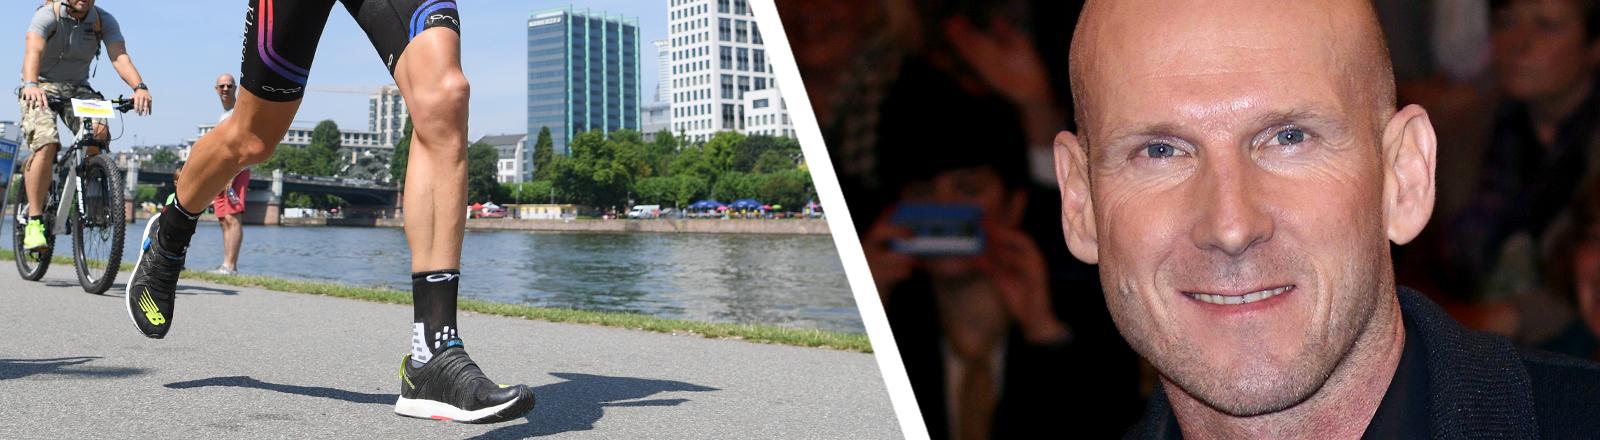 Collage: Ironman in Frankfurt | Triathlet Elmar Sprink